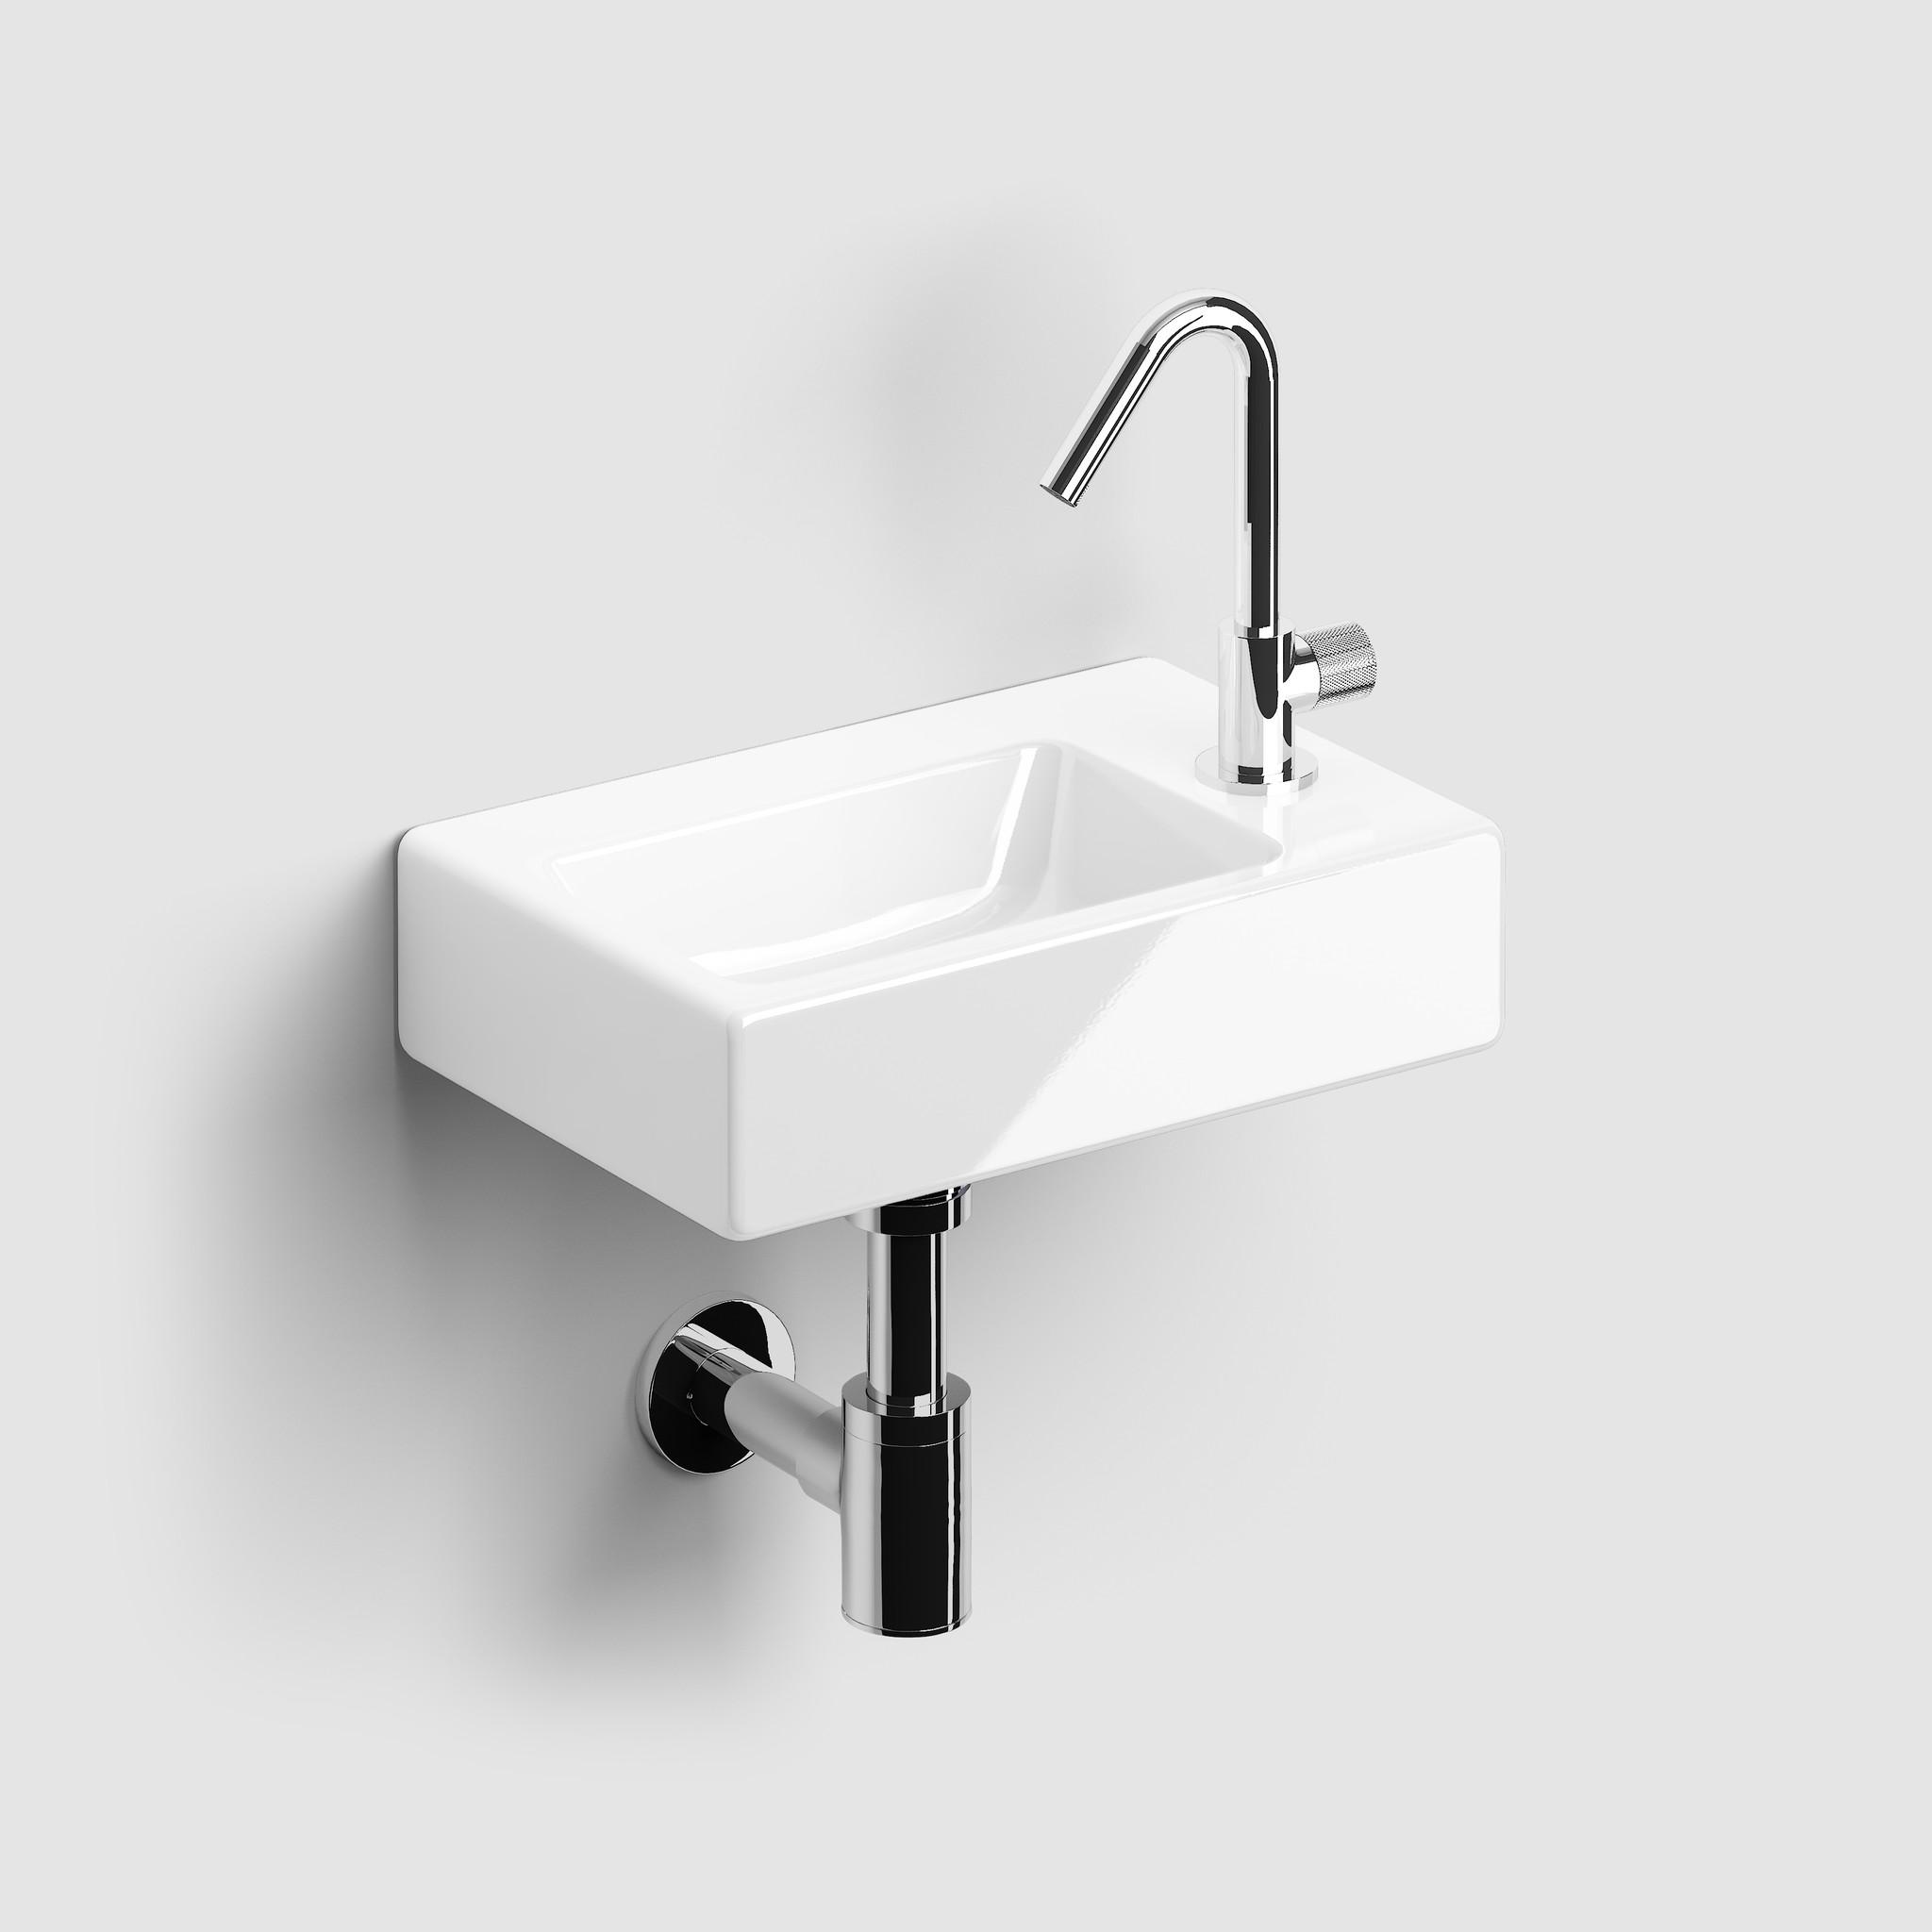 InBe handbasin set 2